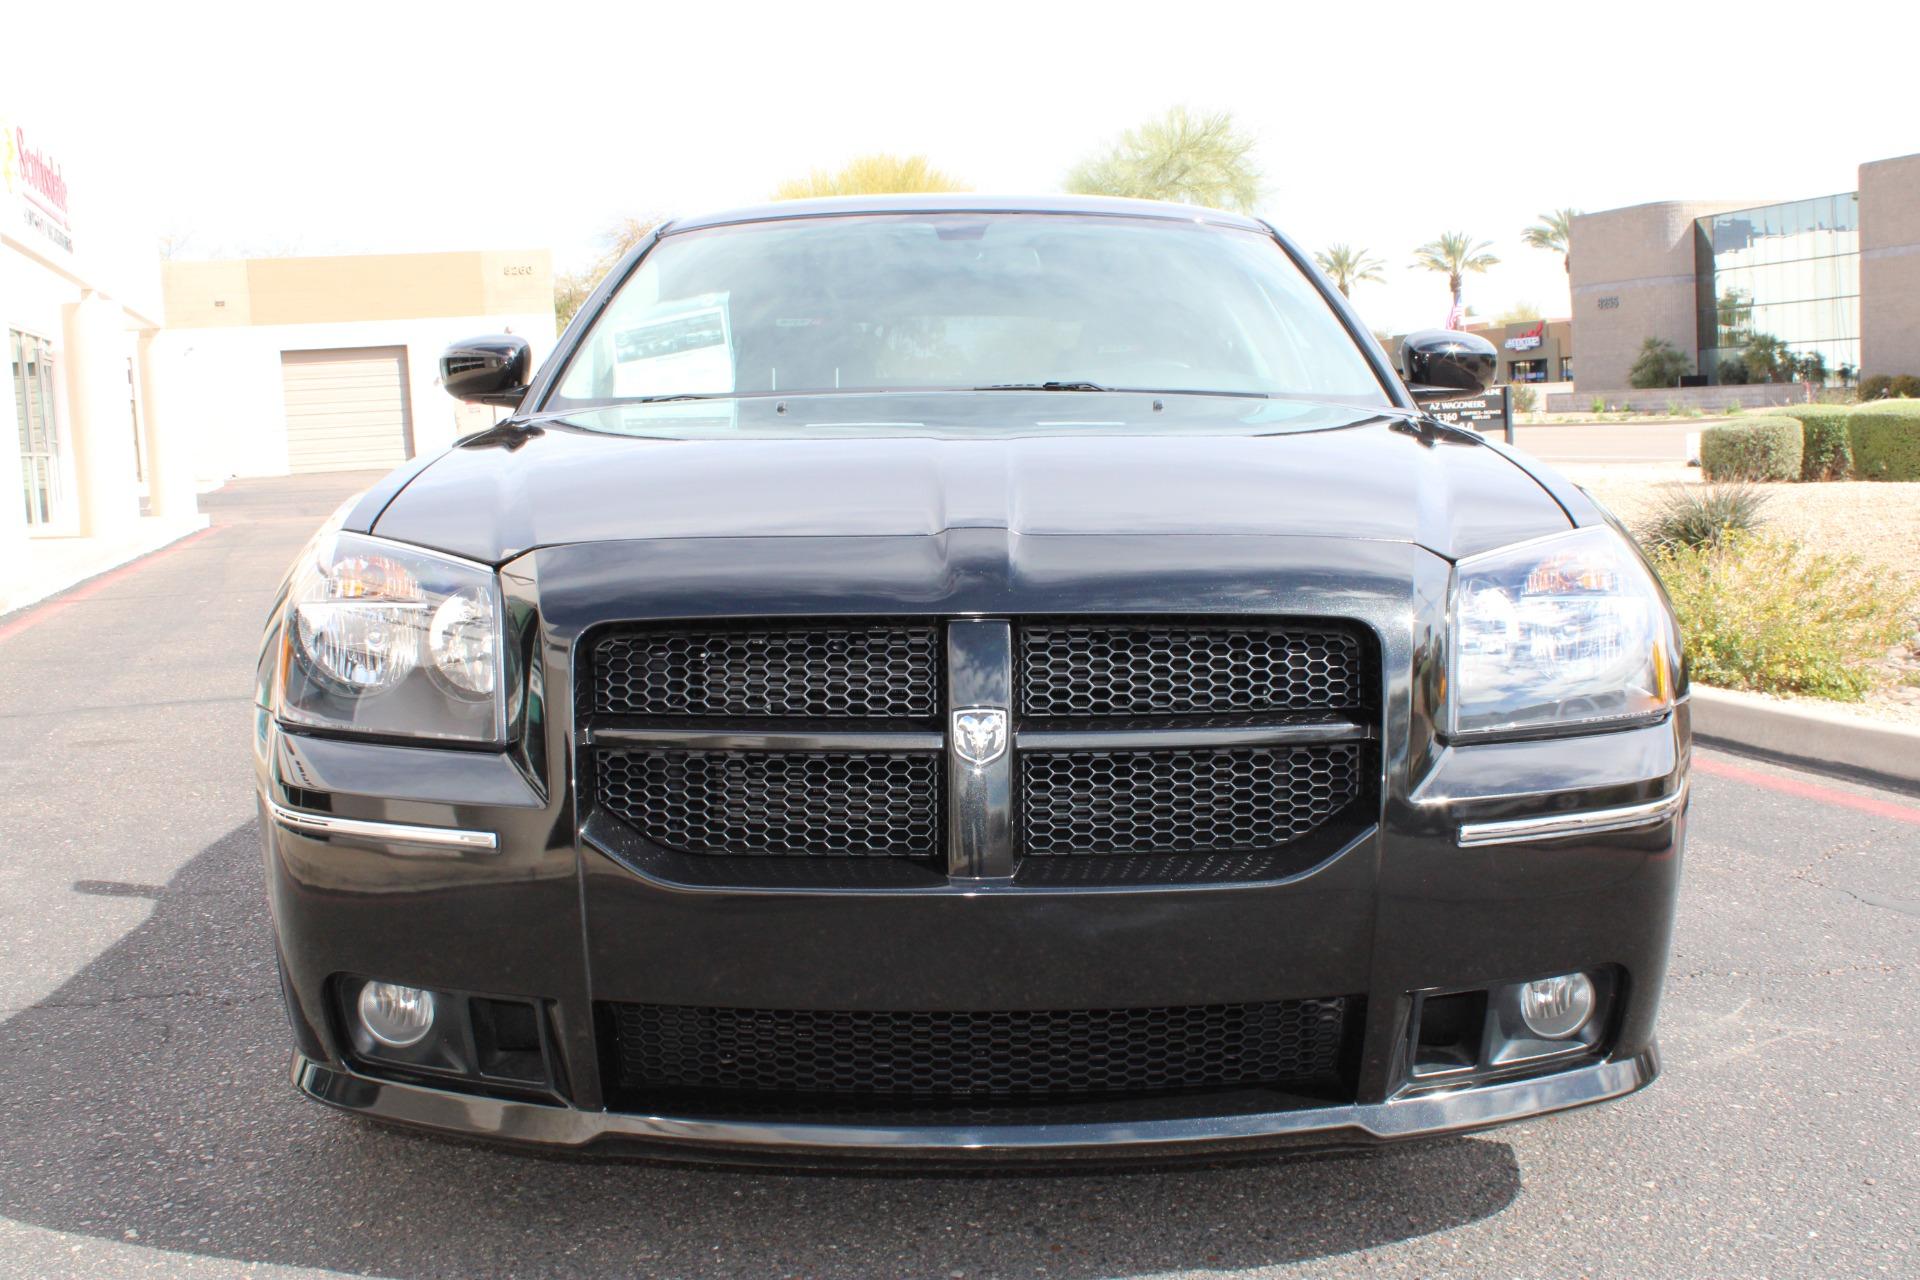 Used-2006-Dodge-Magnum-SRT8-Wrangler